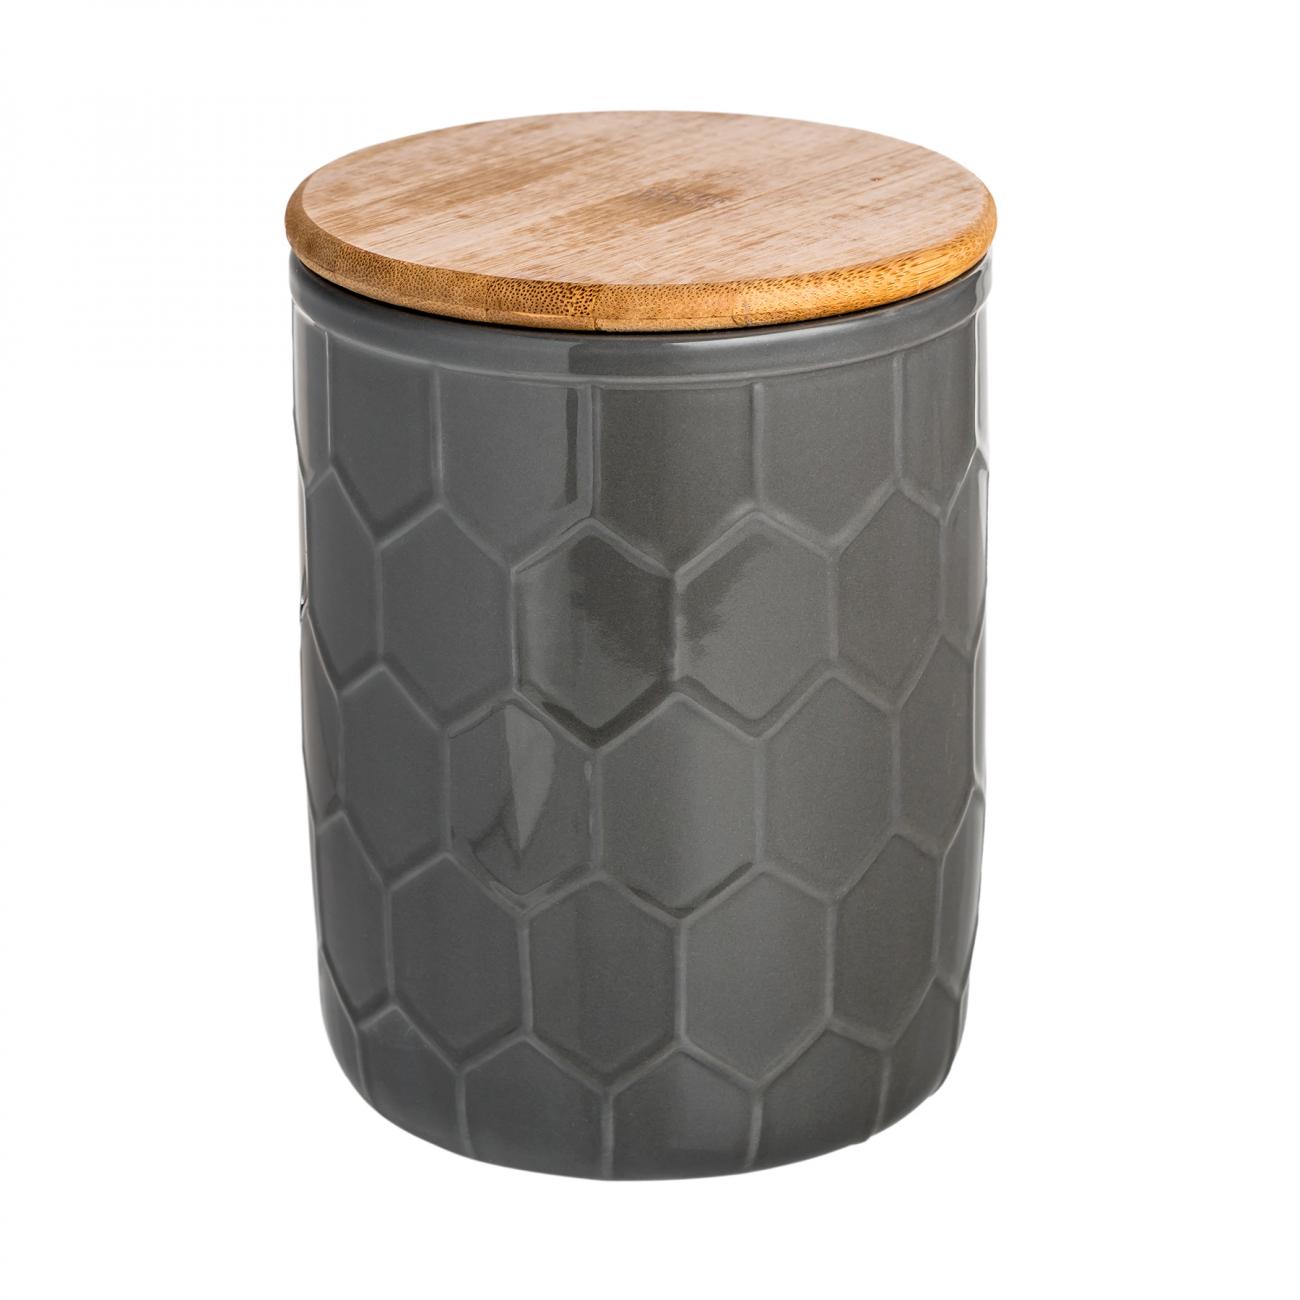 Купить Ёмкость для хранения Honeycomb Чёрная Средняя в интернет магазине дизайнерской мебели и аксессуаров для дома и дачи